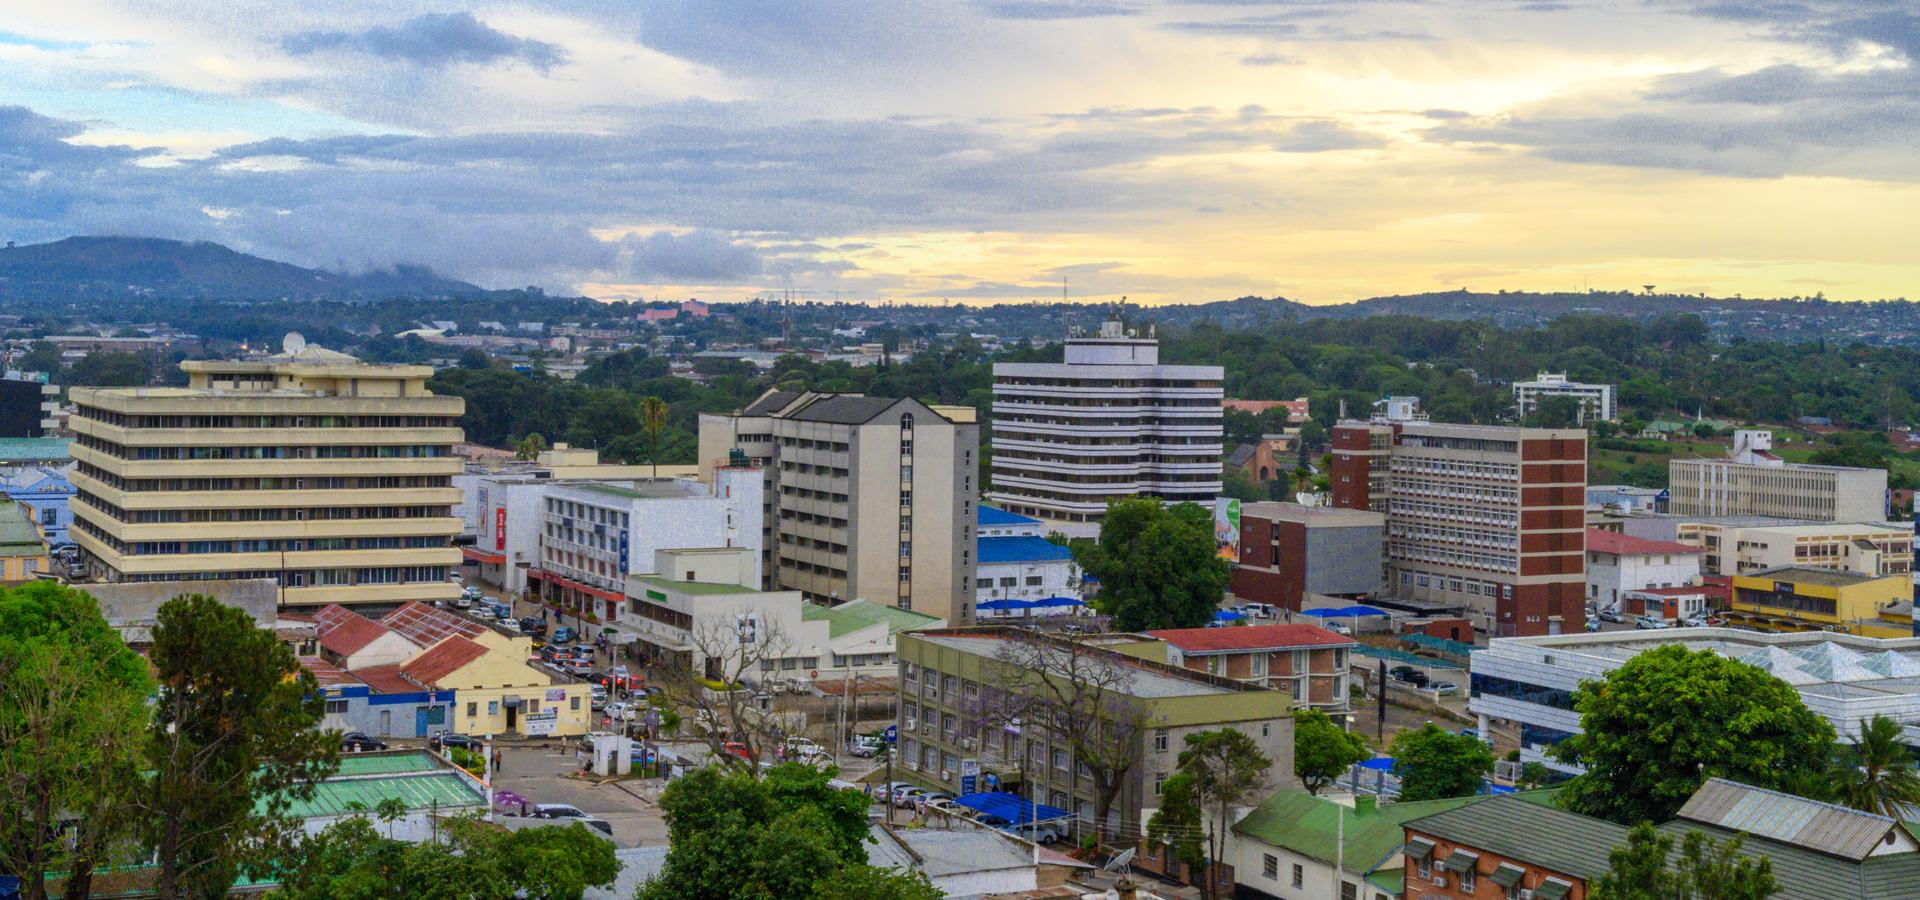 Peer-to-peer advisory in Blantyre, Southern Region, Malawi